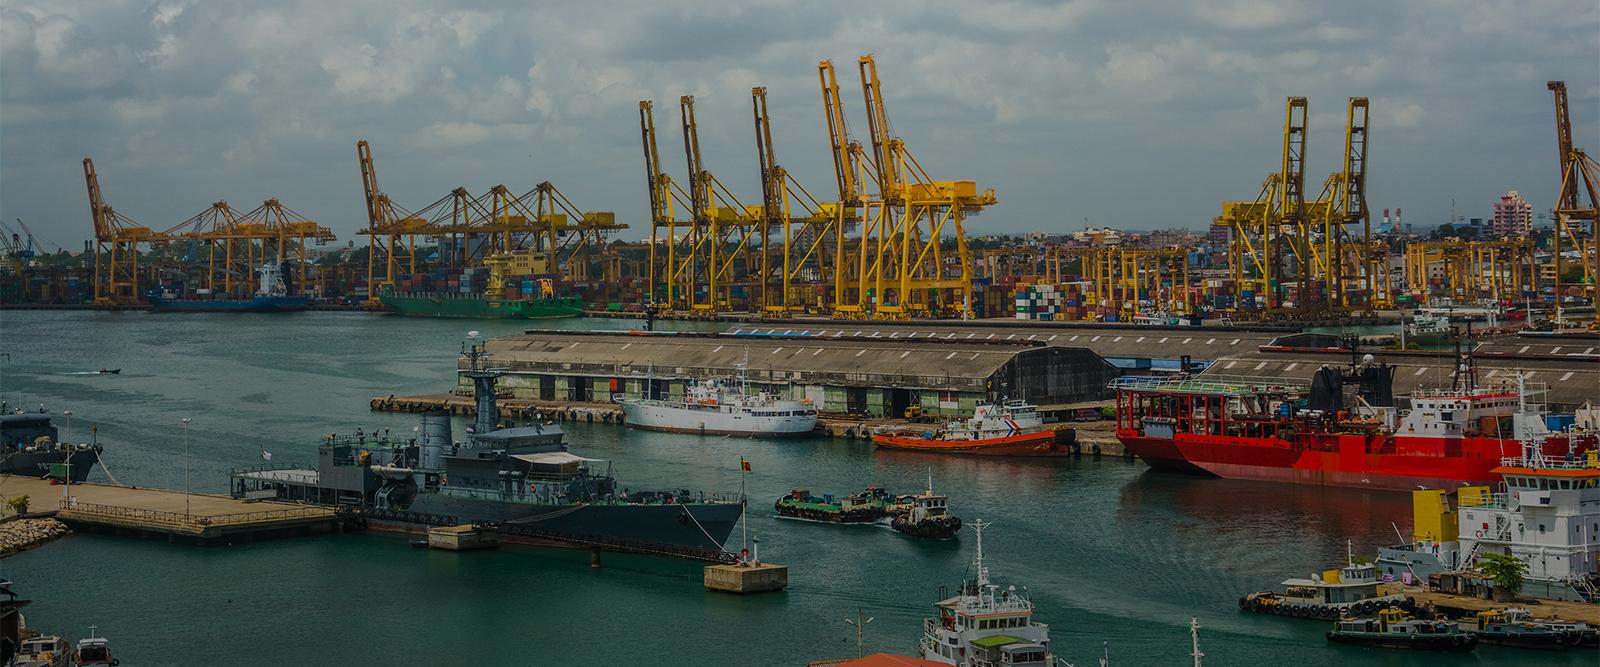 Vue aérienne d'un port de fret maritime avec ses conteneurs et bateaux au Sri Lanka